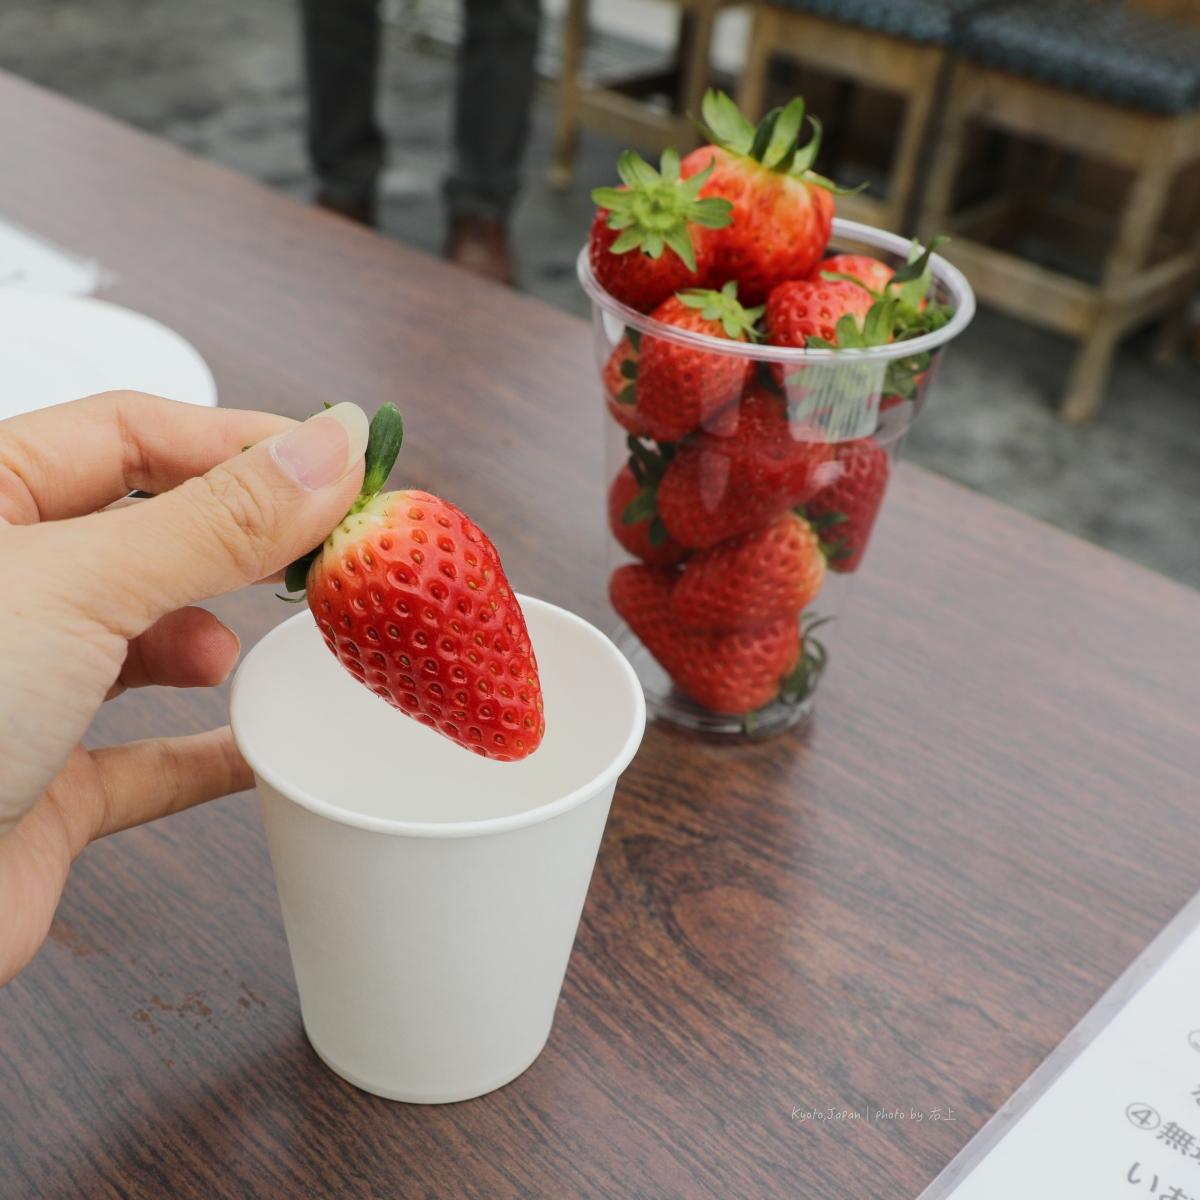 京都採草莓吃到飽.搭纜車看日本國寶:石清水八幡宮半日遊 @右上的世界食旅